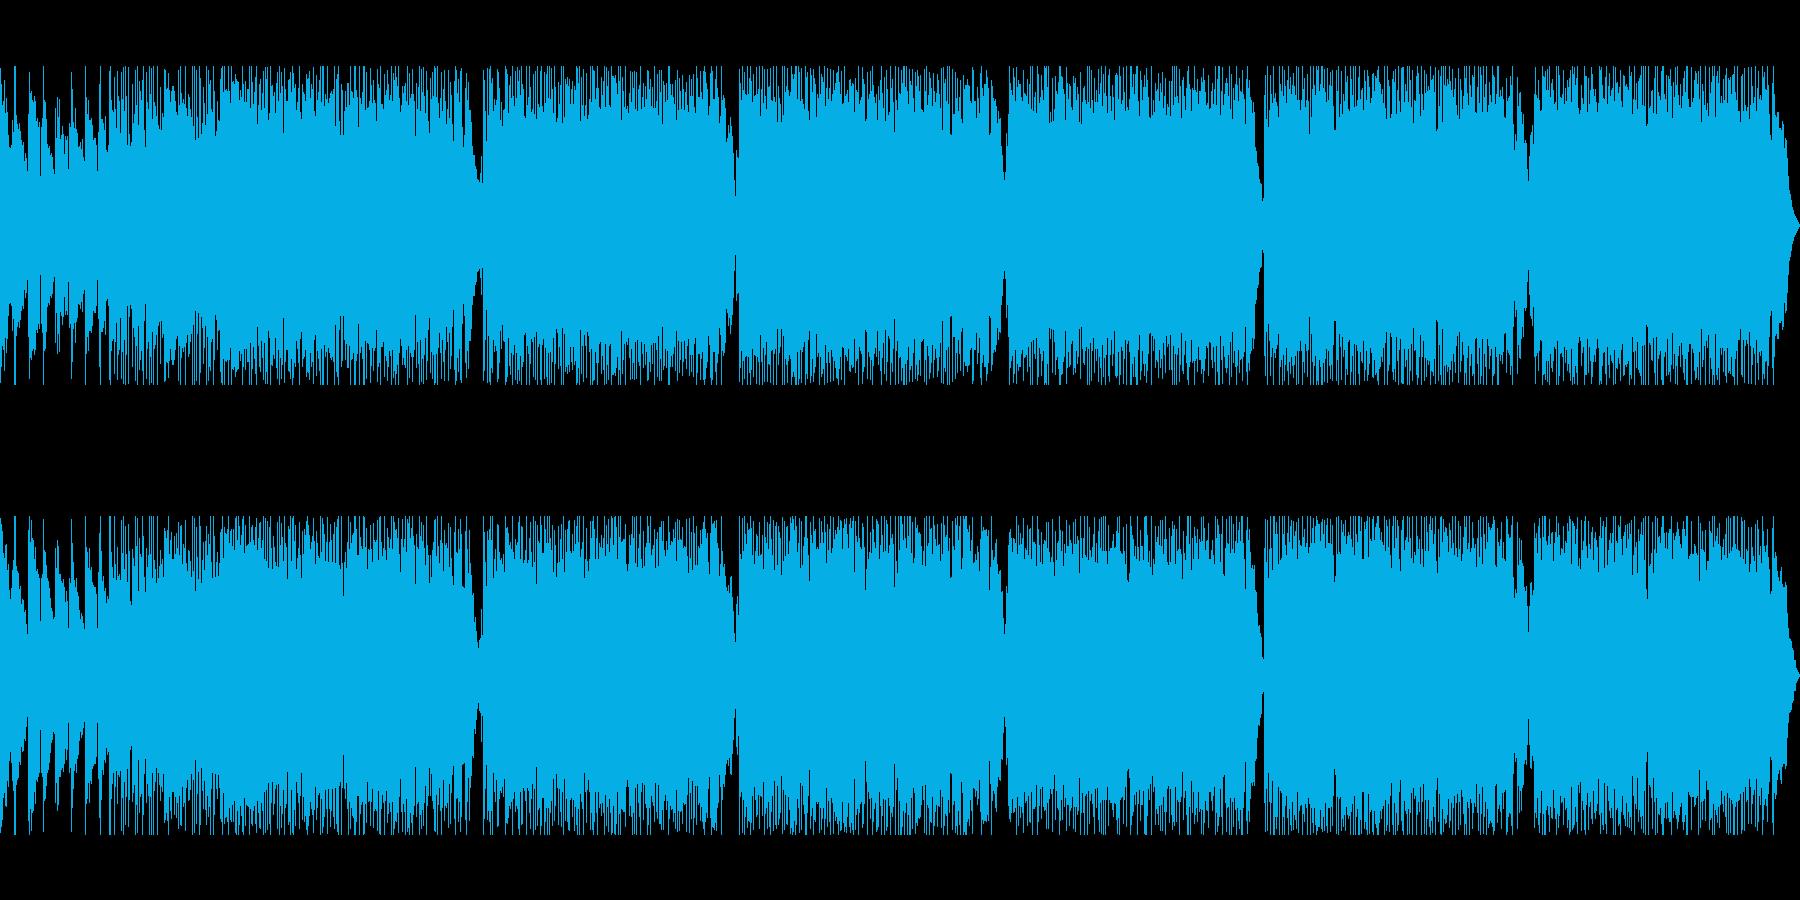 ポップロック。ギターソロ。の再生済みの波形